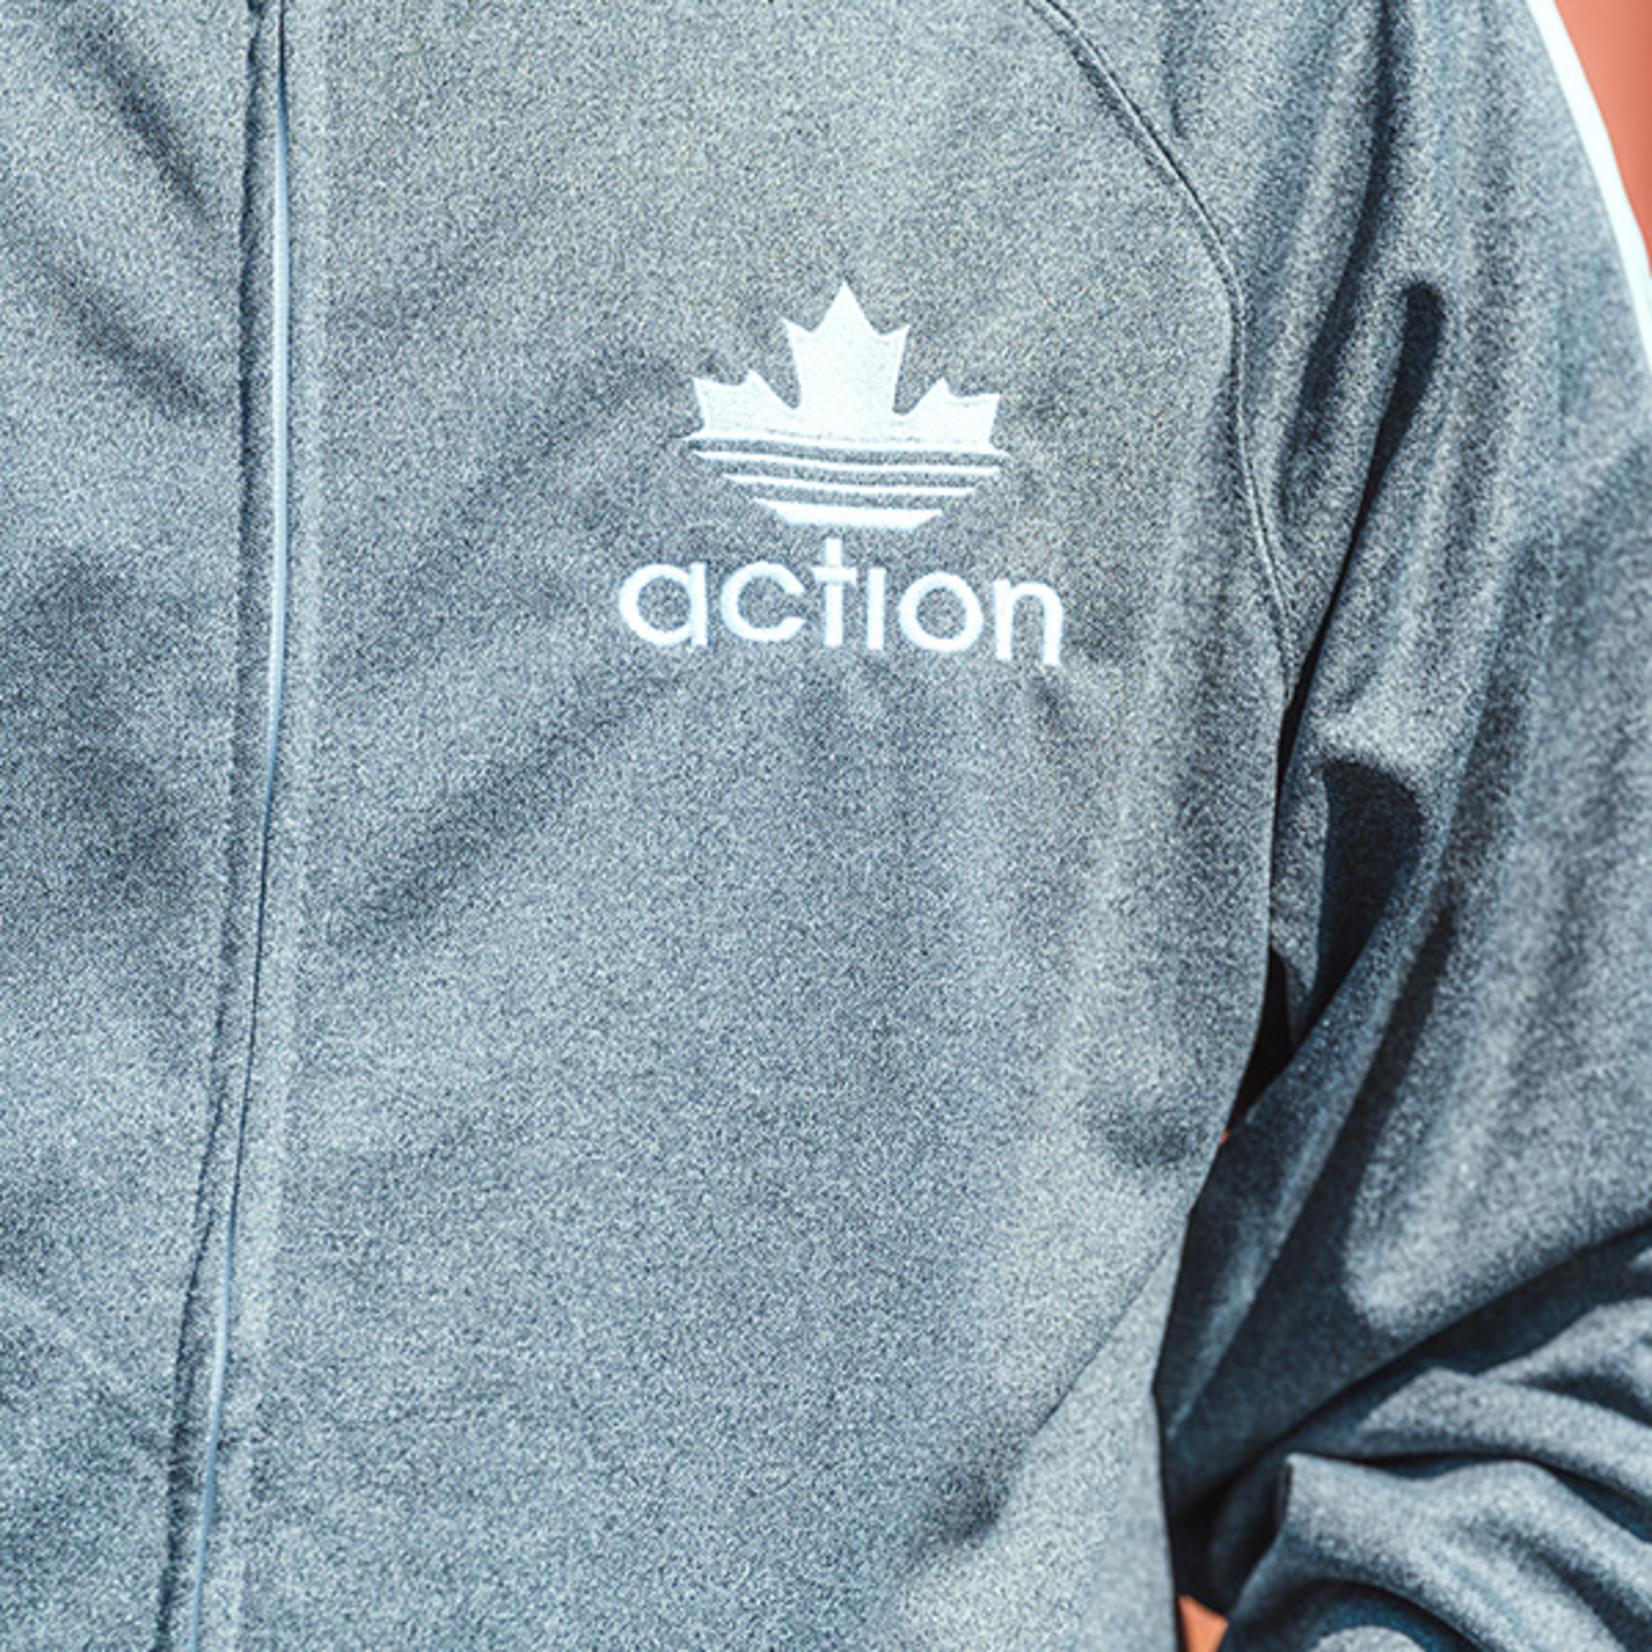 Action Rideshop Track Suit